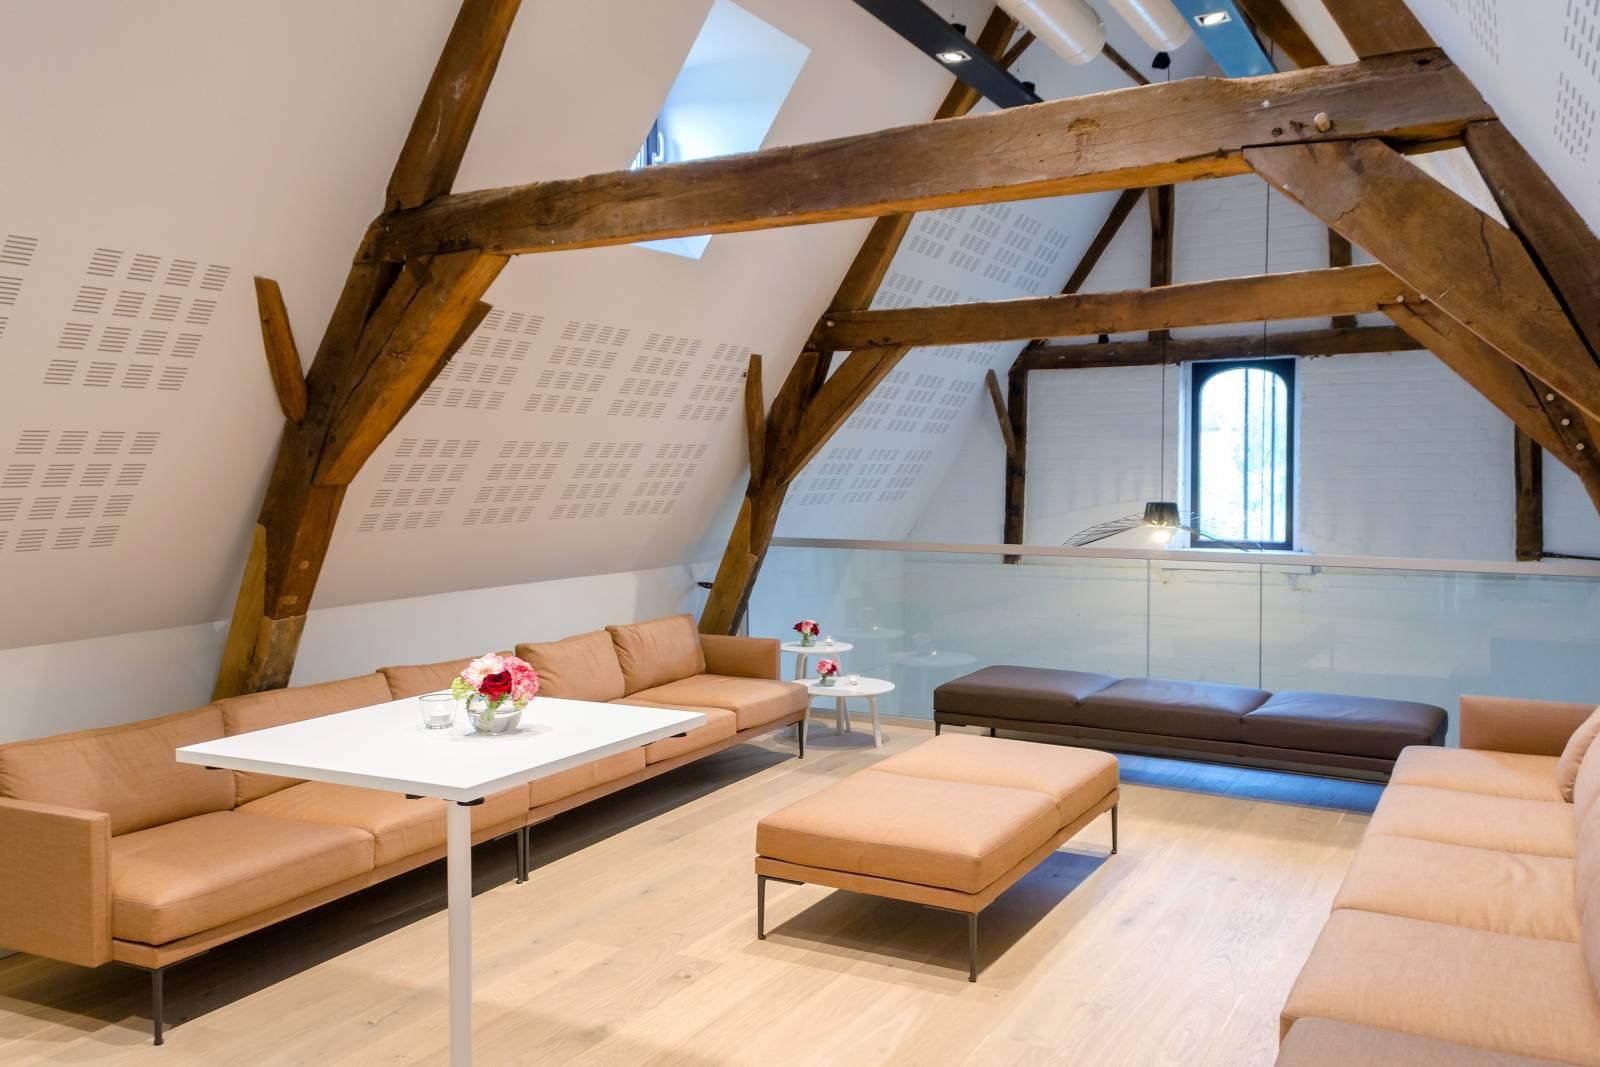 Faculty Club - Feestzaal - Feestlocatie - Rustiek - Historisch - Leuven (Vlaams-Brabant) - House of Events - 4